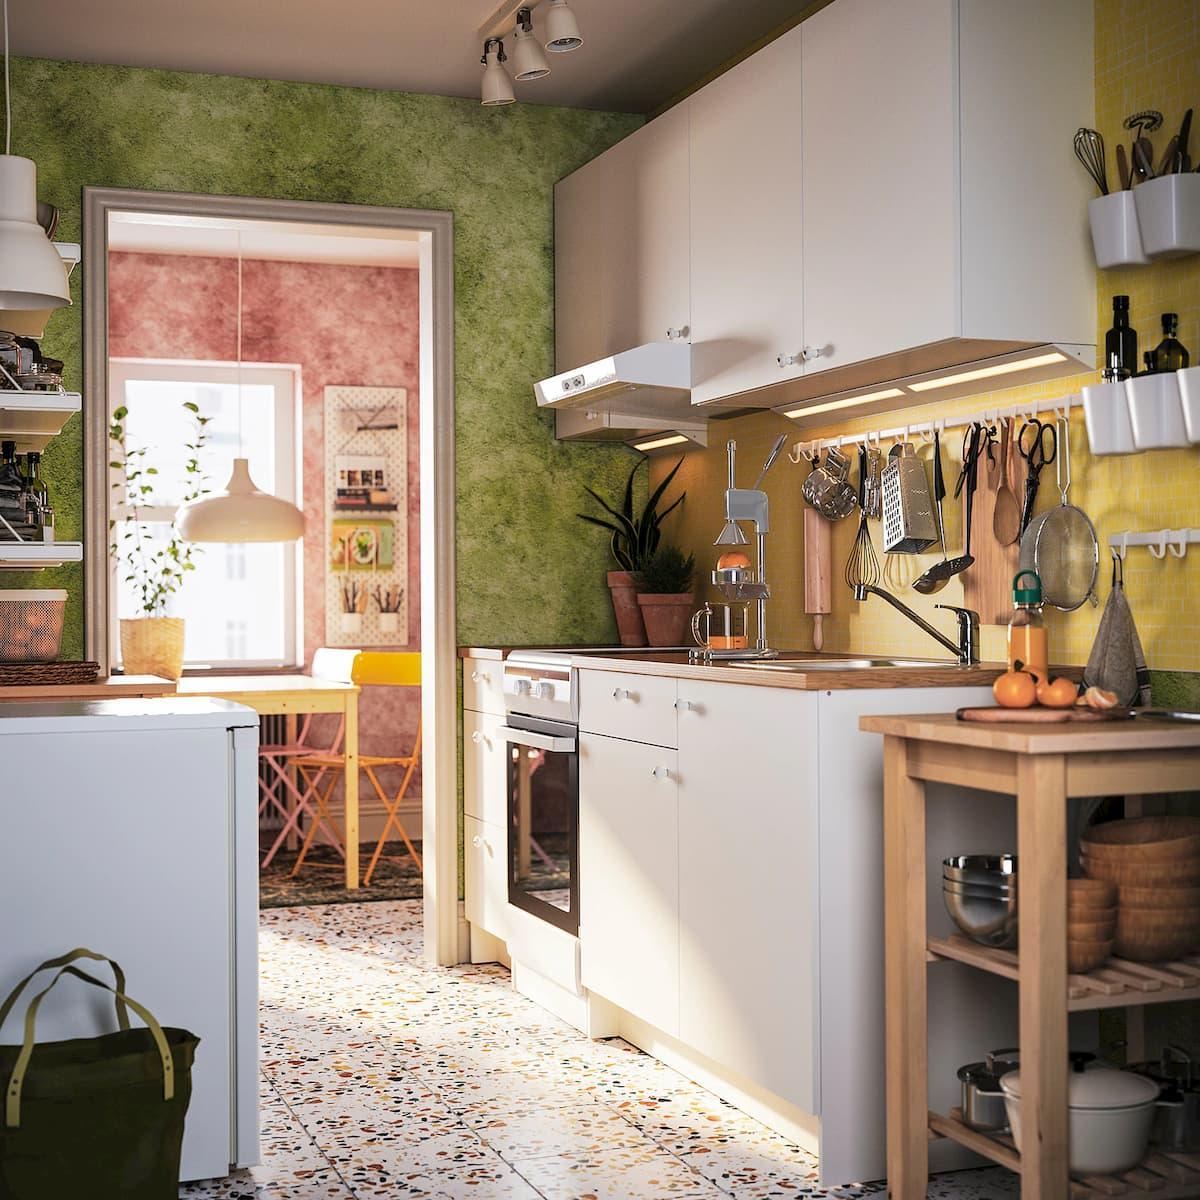 Organizzate perciò bene gli spazi. Foto Cucina Piccola